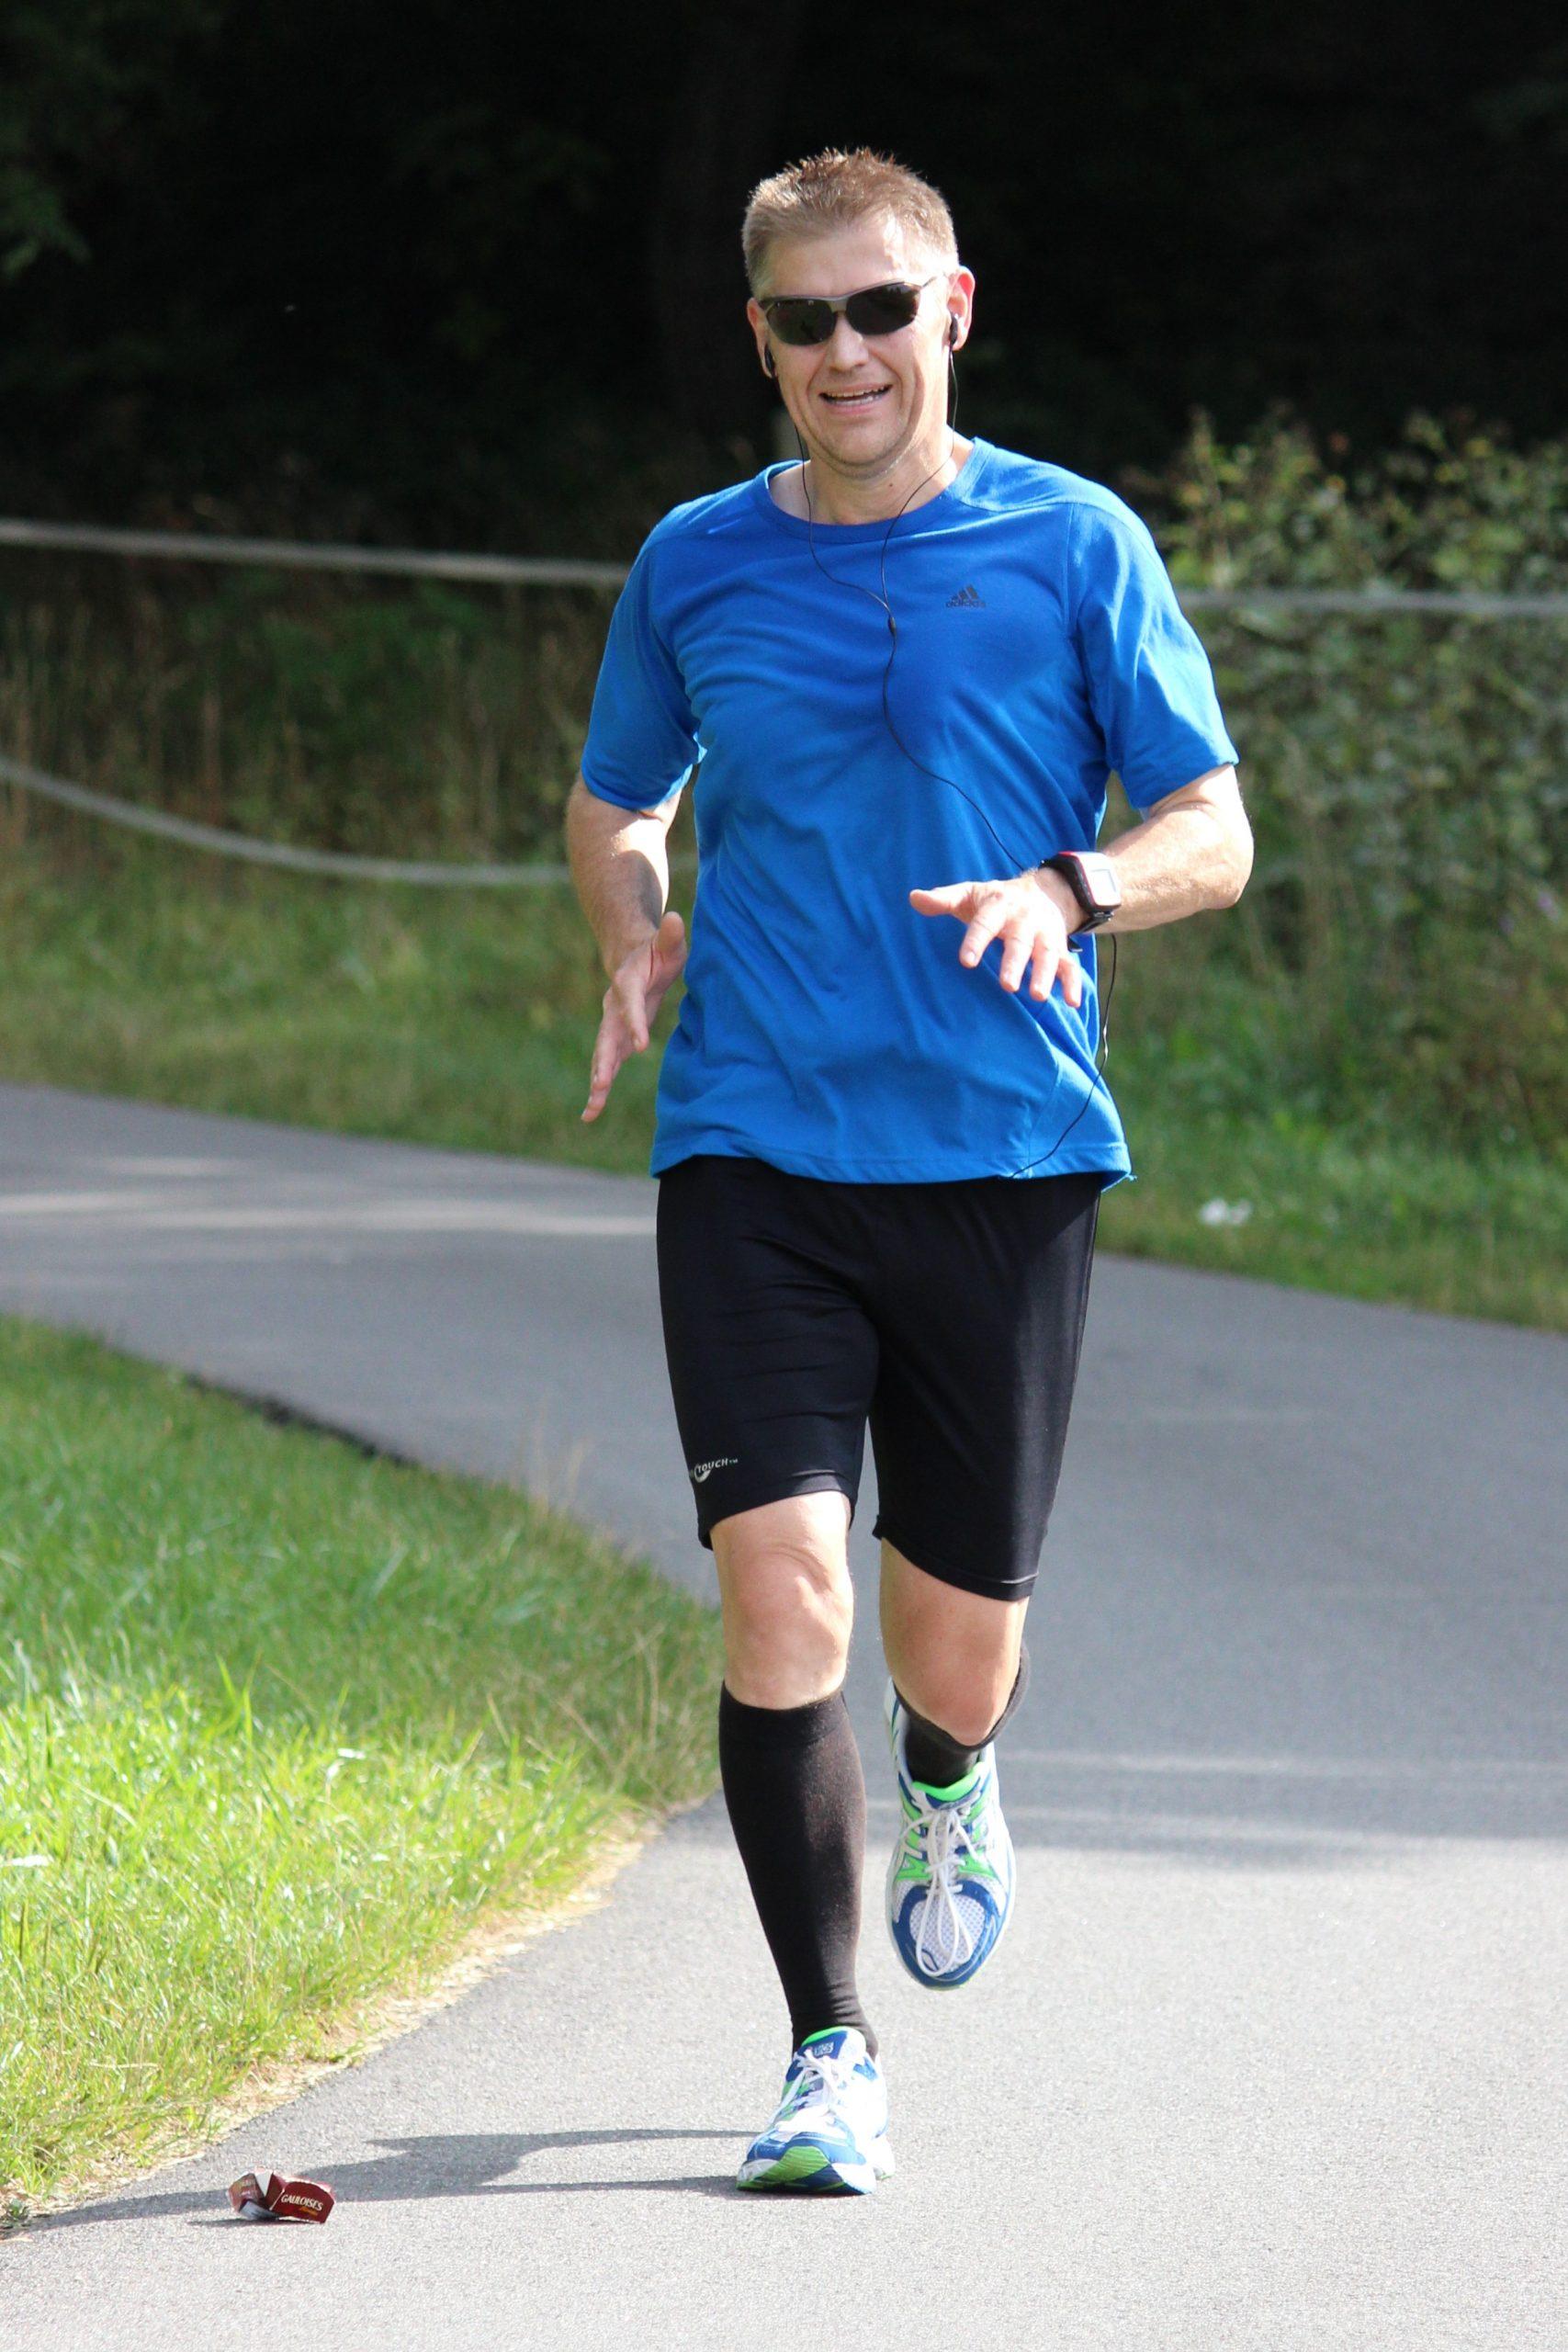 Laufen kann jeder